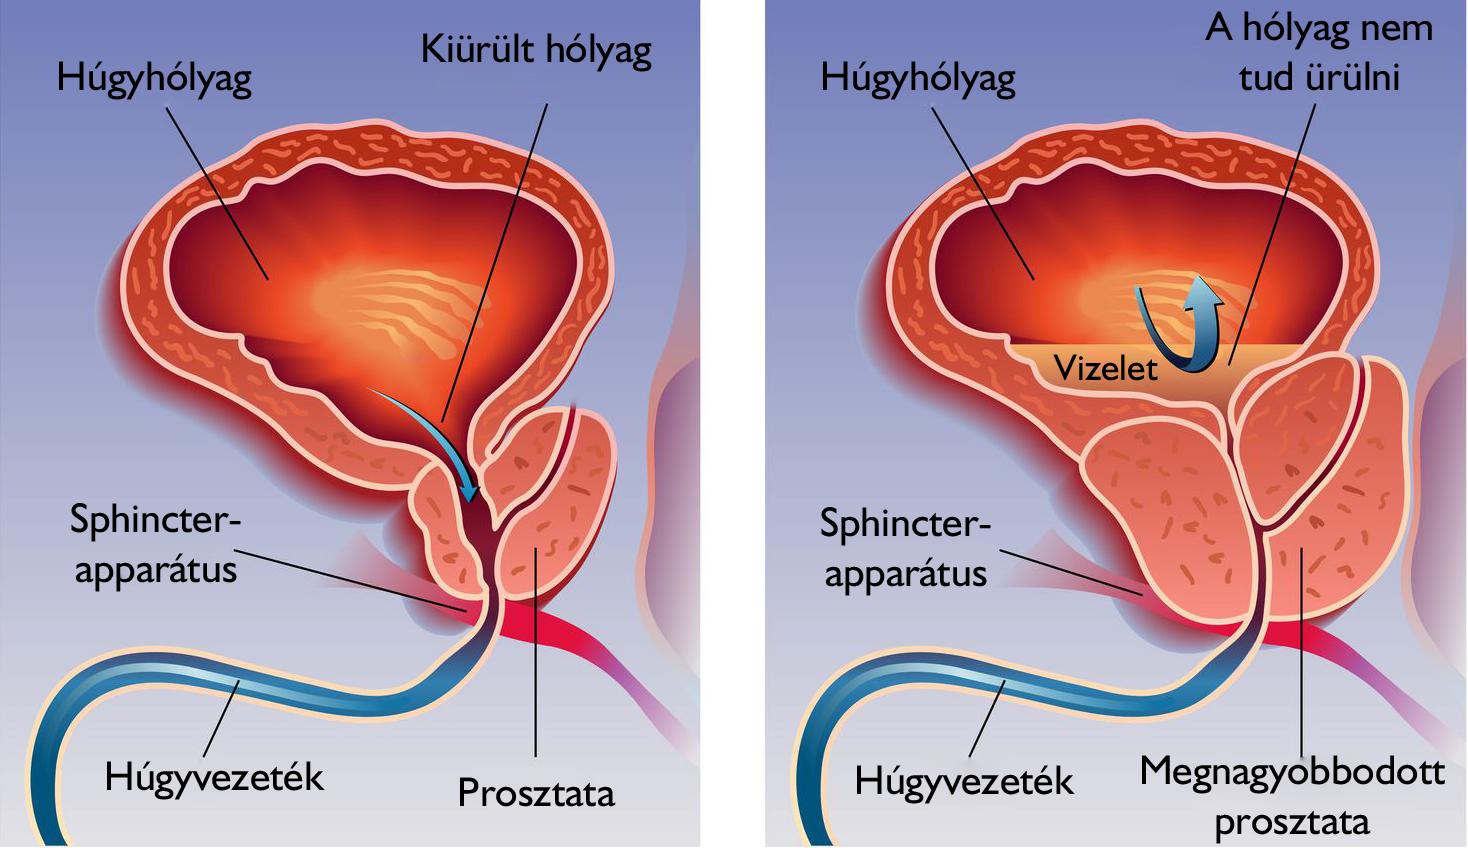 A leggyakoribb urológiai problémák férfiaknál